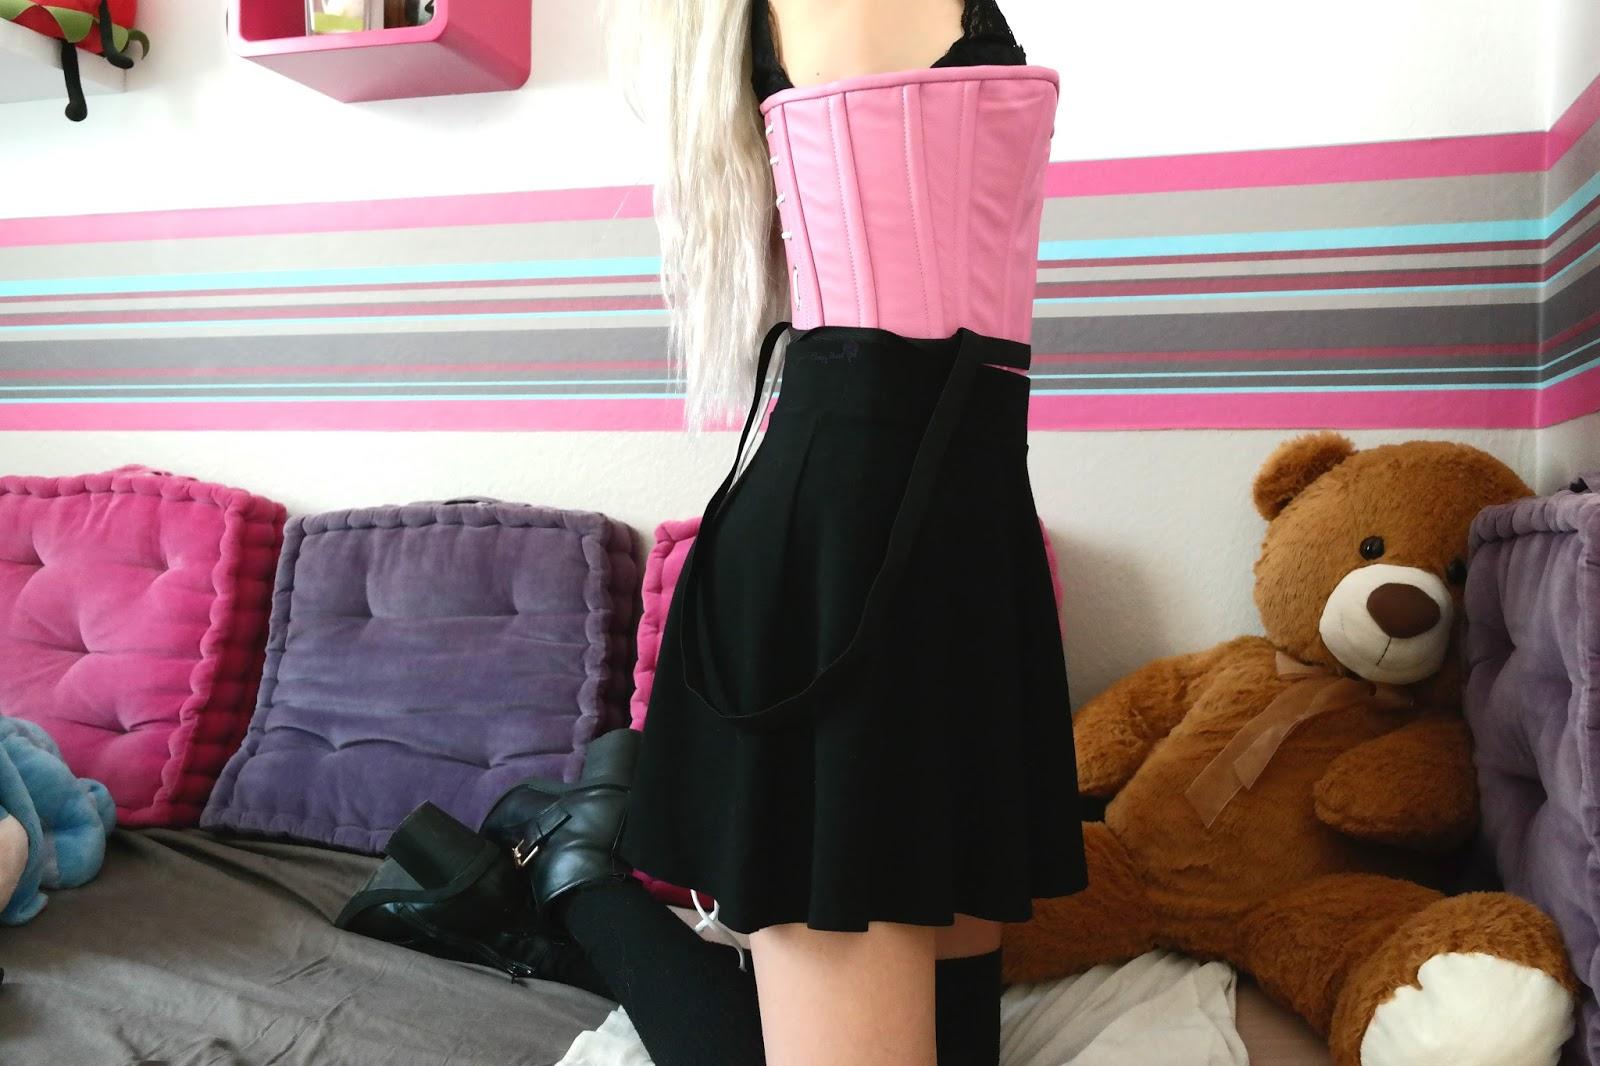 Porter un corset tous les jours 28 images creepy for Atis porte et fenetre